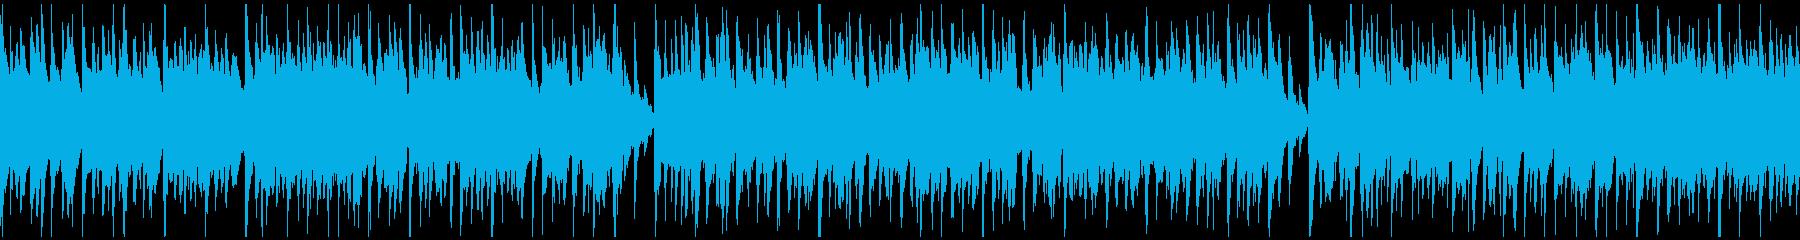 元気ウクレレ生演奏ハワイポップ※ループ版の再生済みの波形